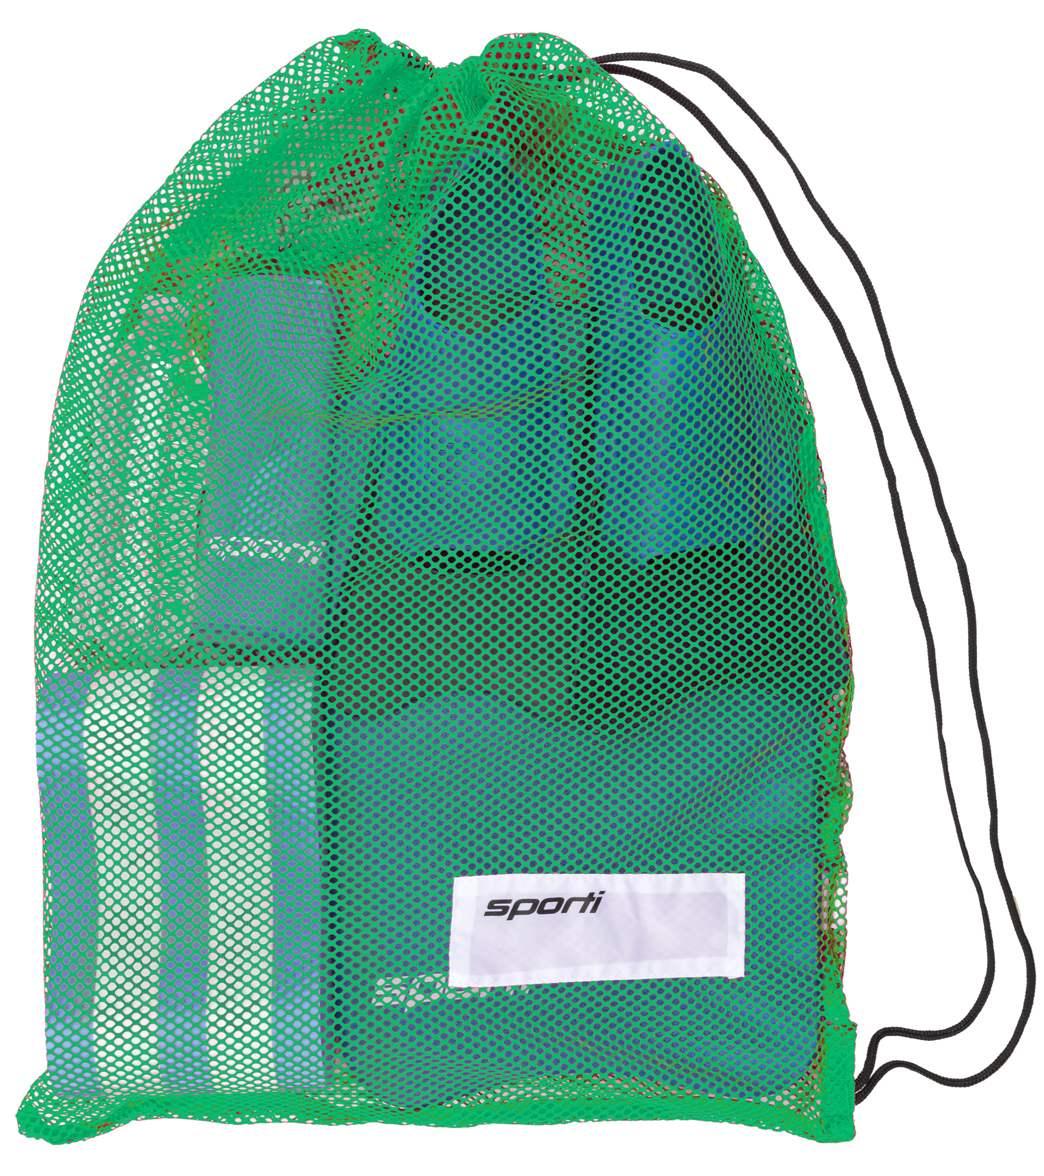 340aa191a3 Sporti Mesh Bag at SwimOutlet.com